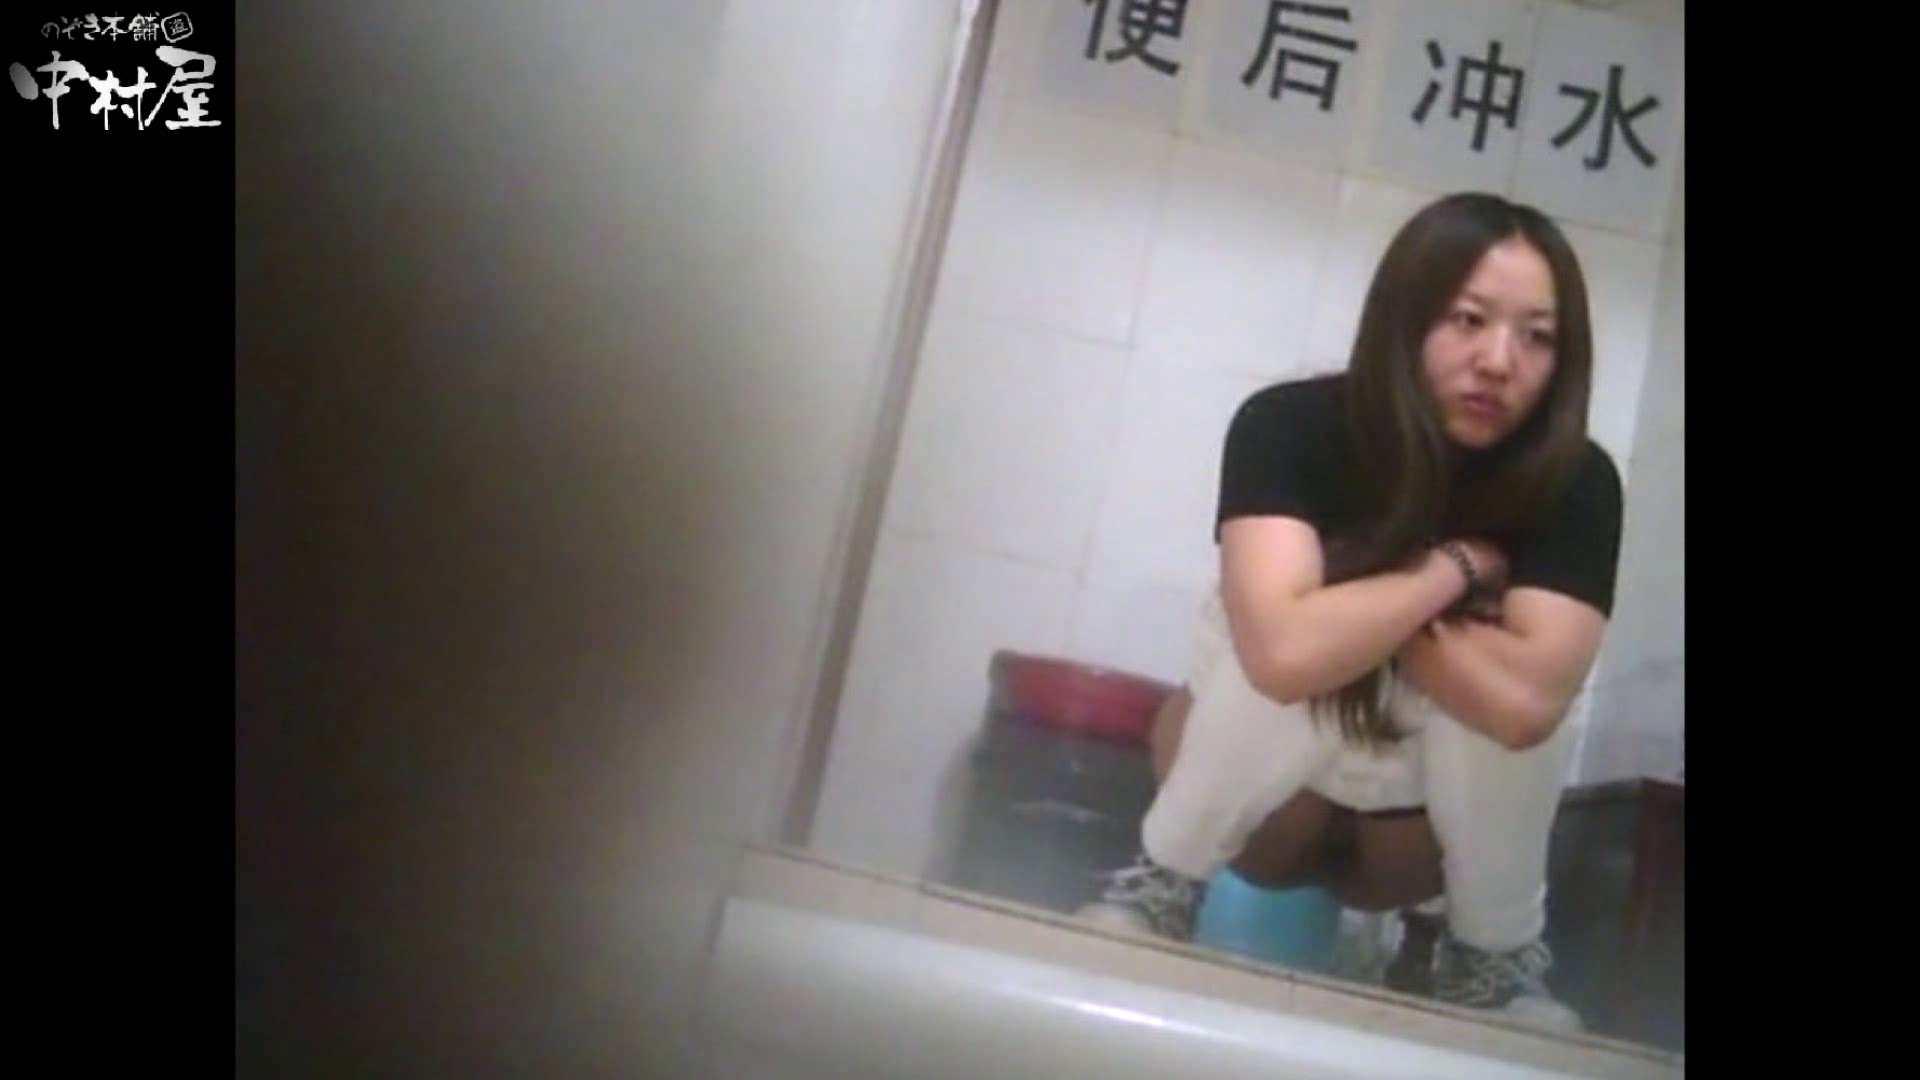 李さんの盗撮日記 Vol.14 トイレ 盗撮 88PIX 12